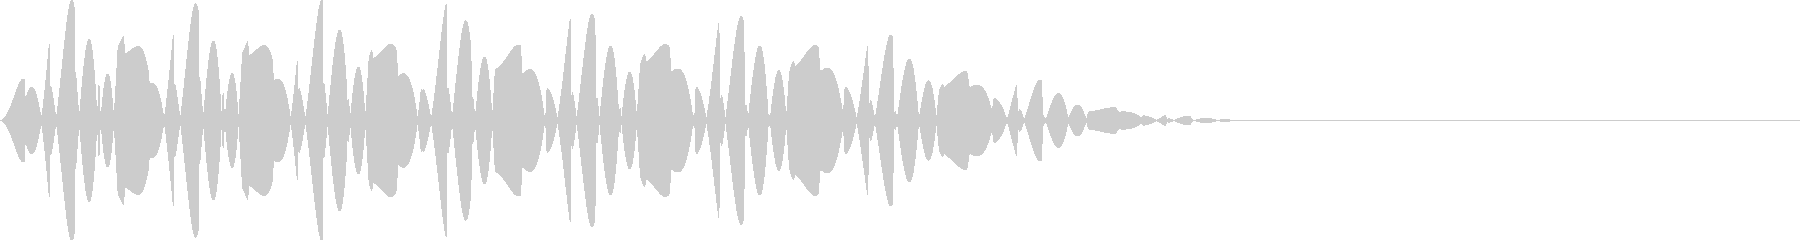 ブッ(エラー/キャンセル/失敗ファミコンの未再生の波形